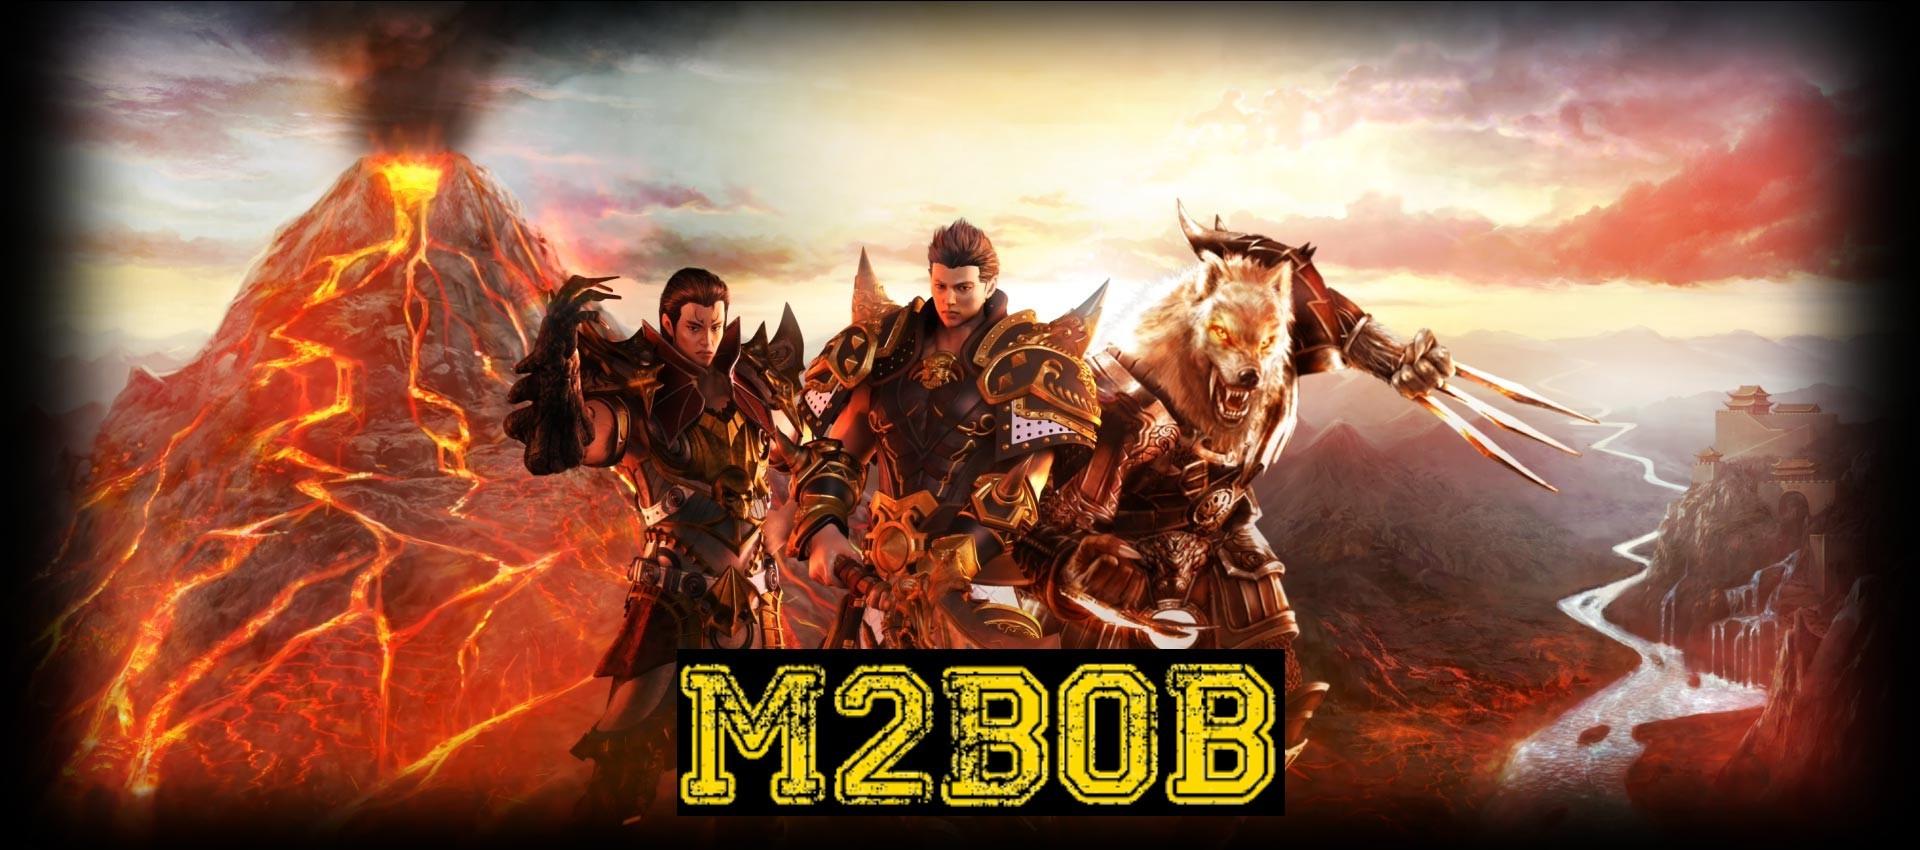 M2bob nasıl kullanılır ve M2bob'un Özellikleri Nelerdir?